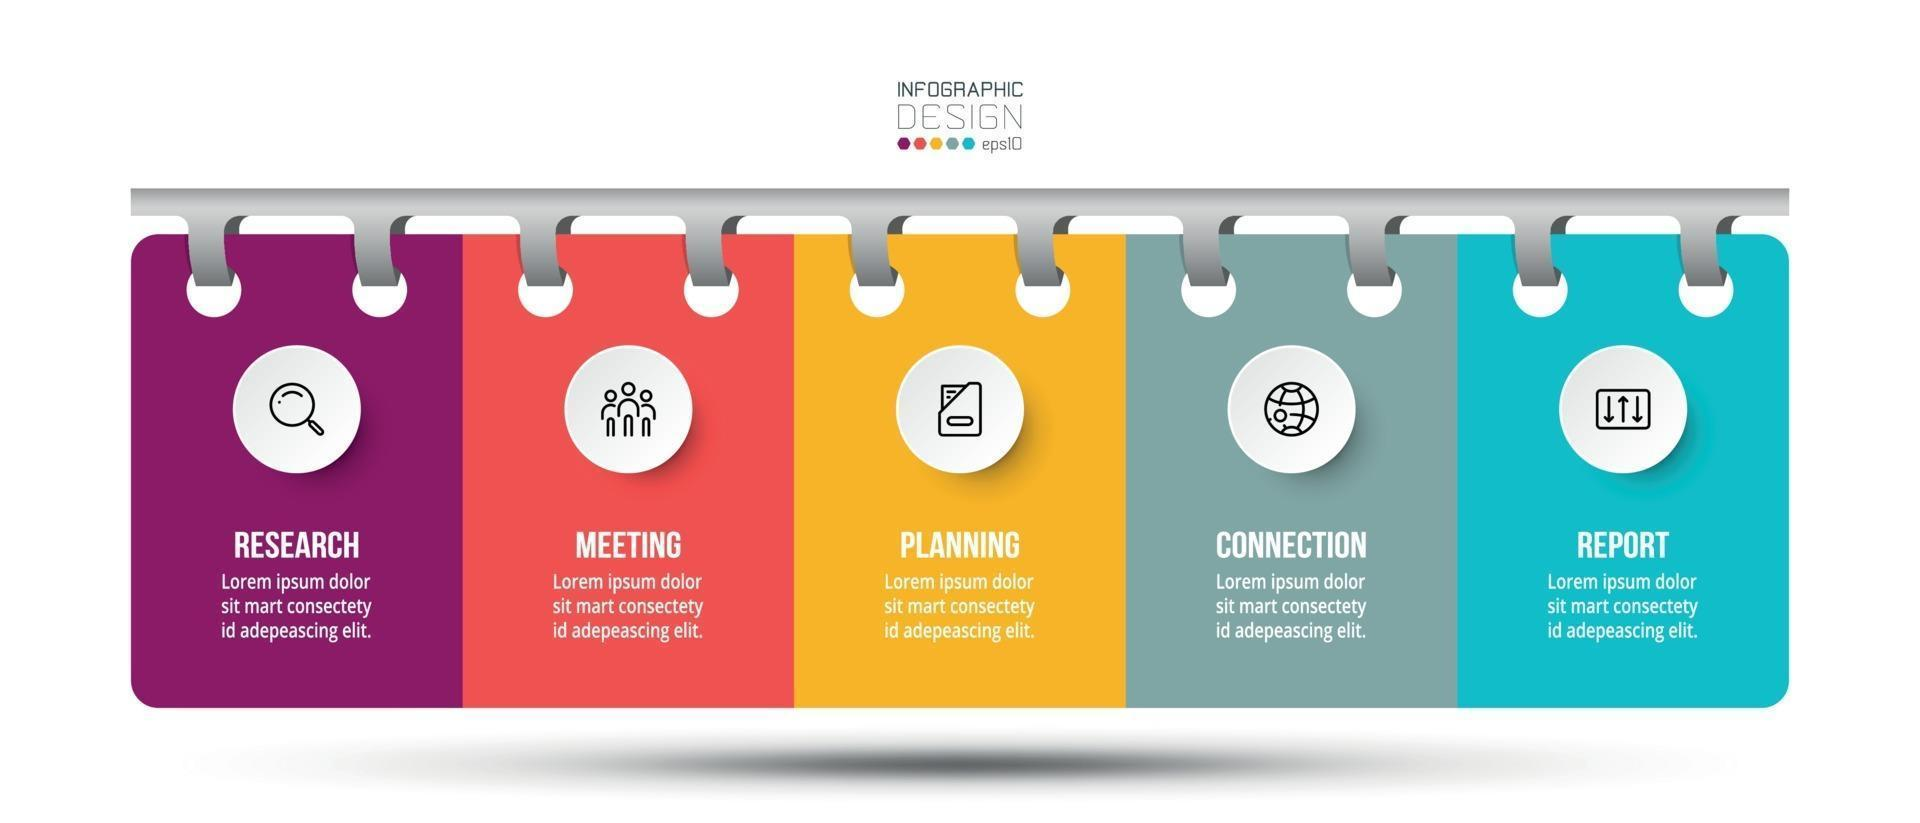 presenteer en rapporteer studieresultaten of data-analyse. kan worden toegepast op zaken, medisch, onderwijs, bedrijven. vector